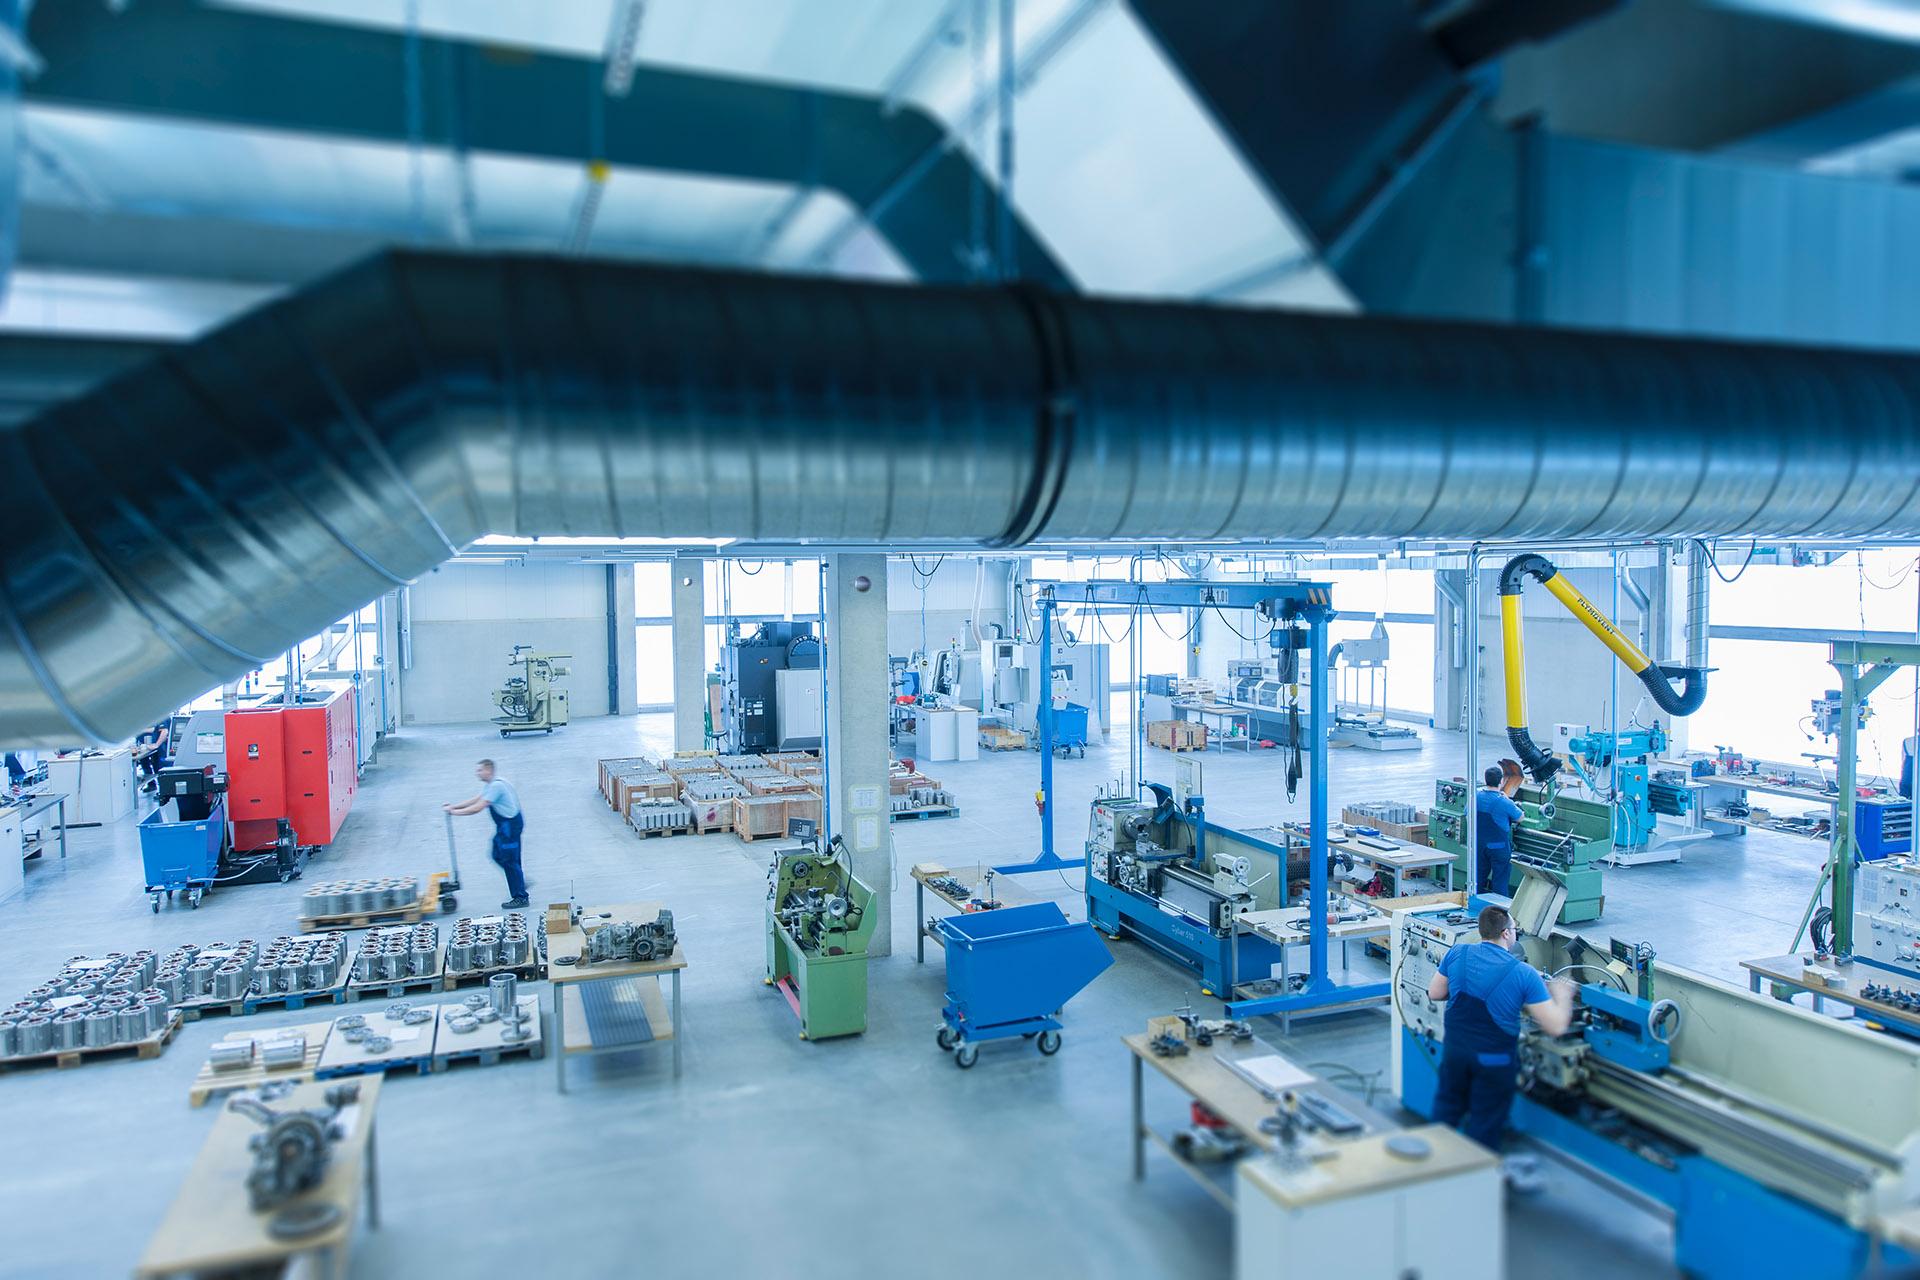 Industriefotografie Produktionshalle mit Mitarbeitern und Maschinen und Leitungen und Rohre am oberen Bildrand. Feigfotodesign